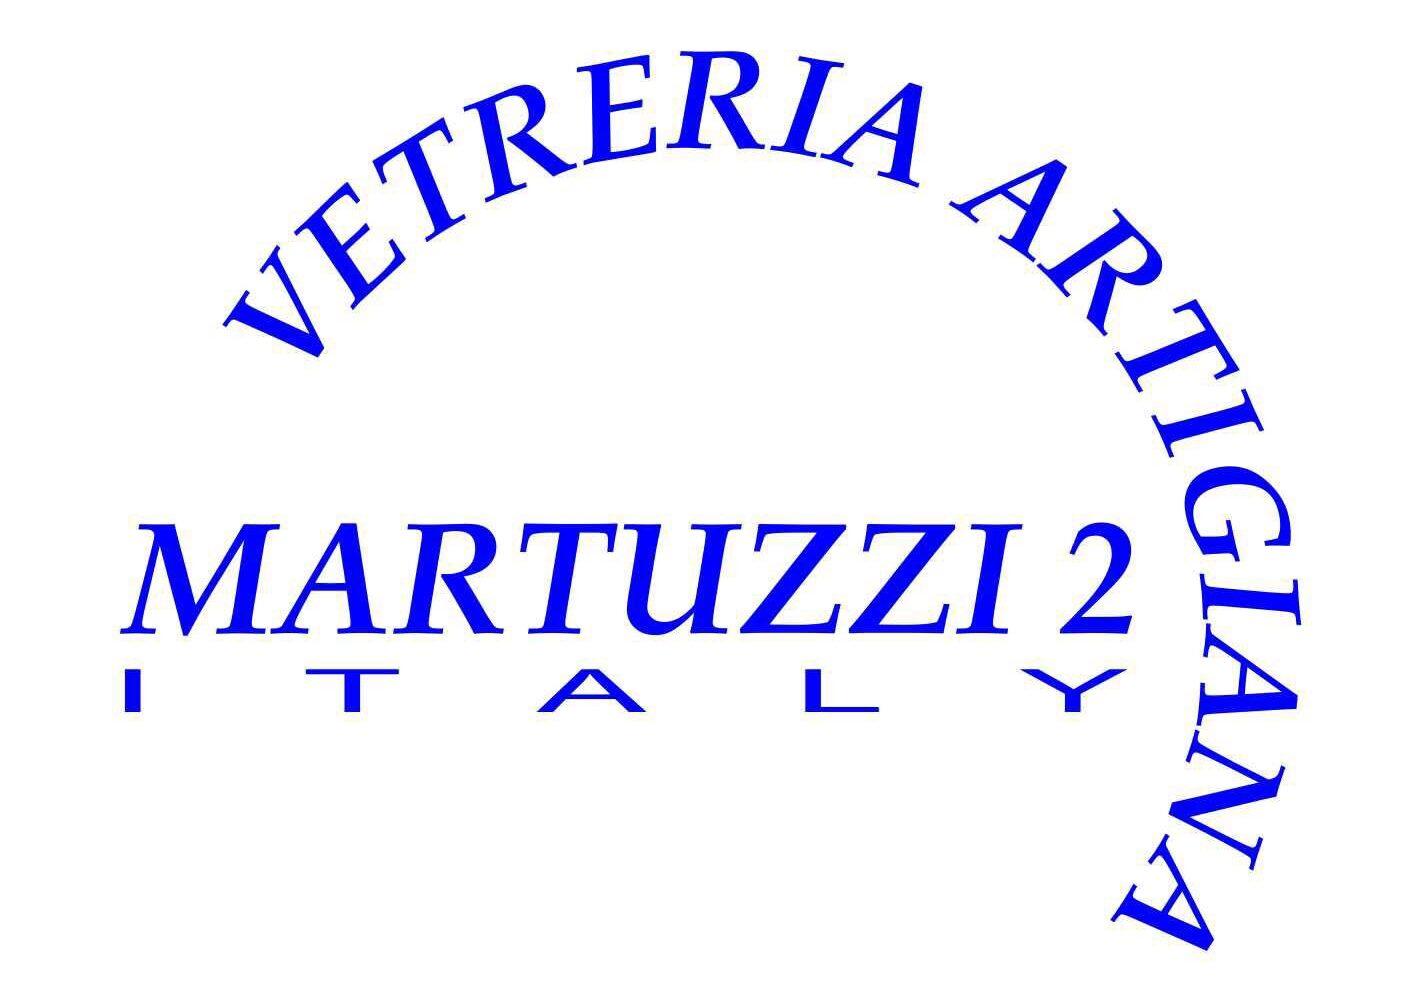 Vetreria Artigiana Martuzzi - Bologna